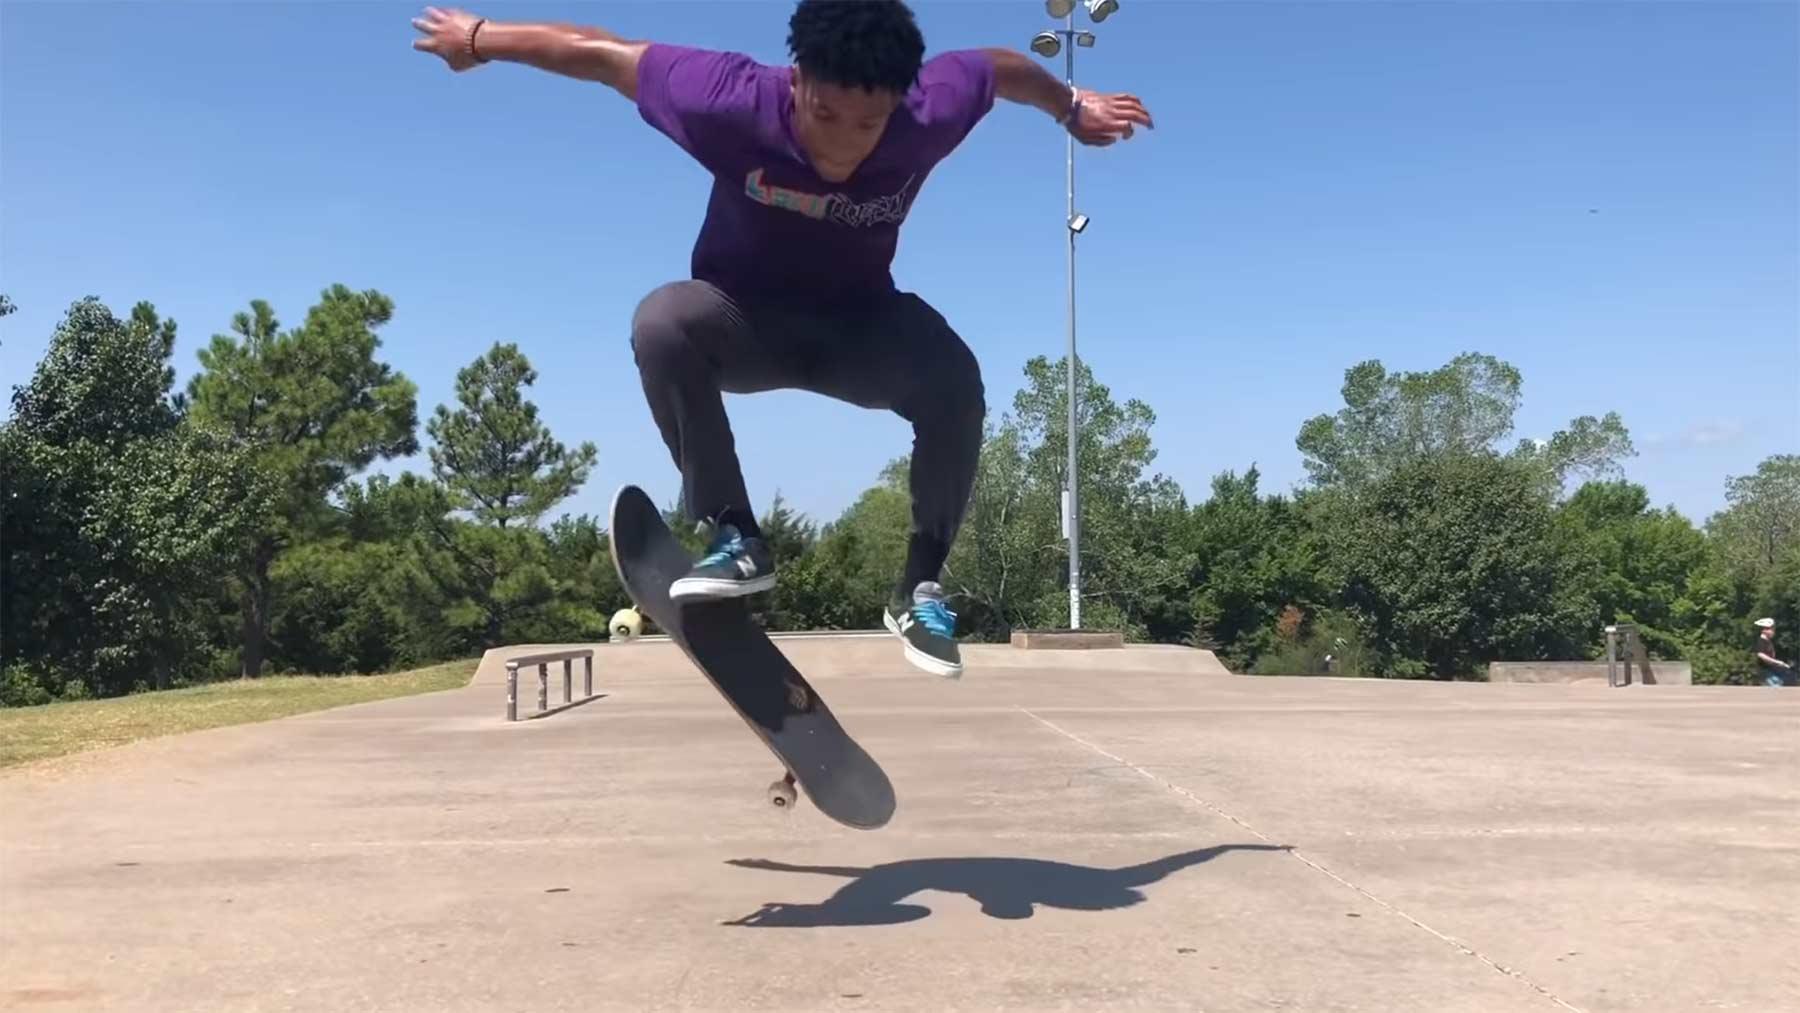 Ein Jahr Skateboard-Lernen in 7 Minuten